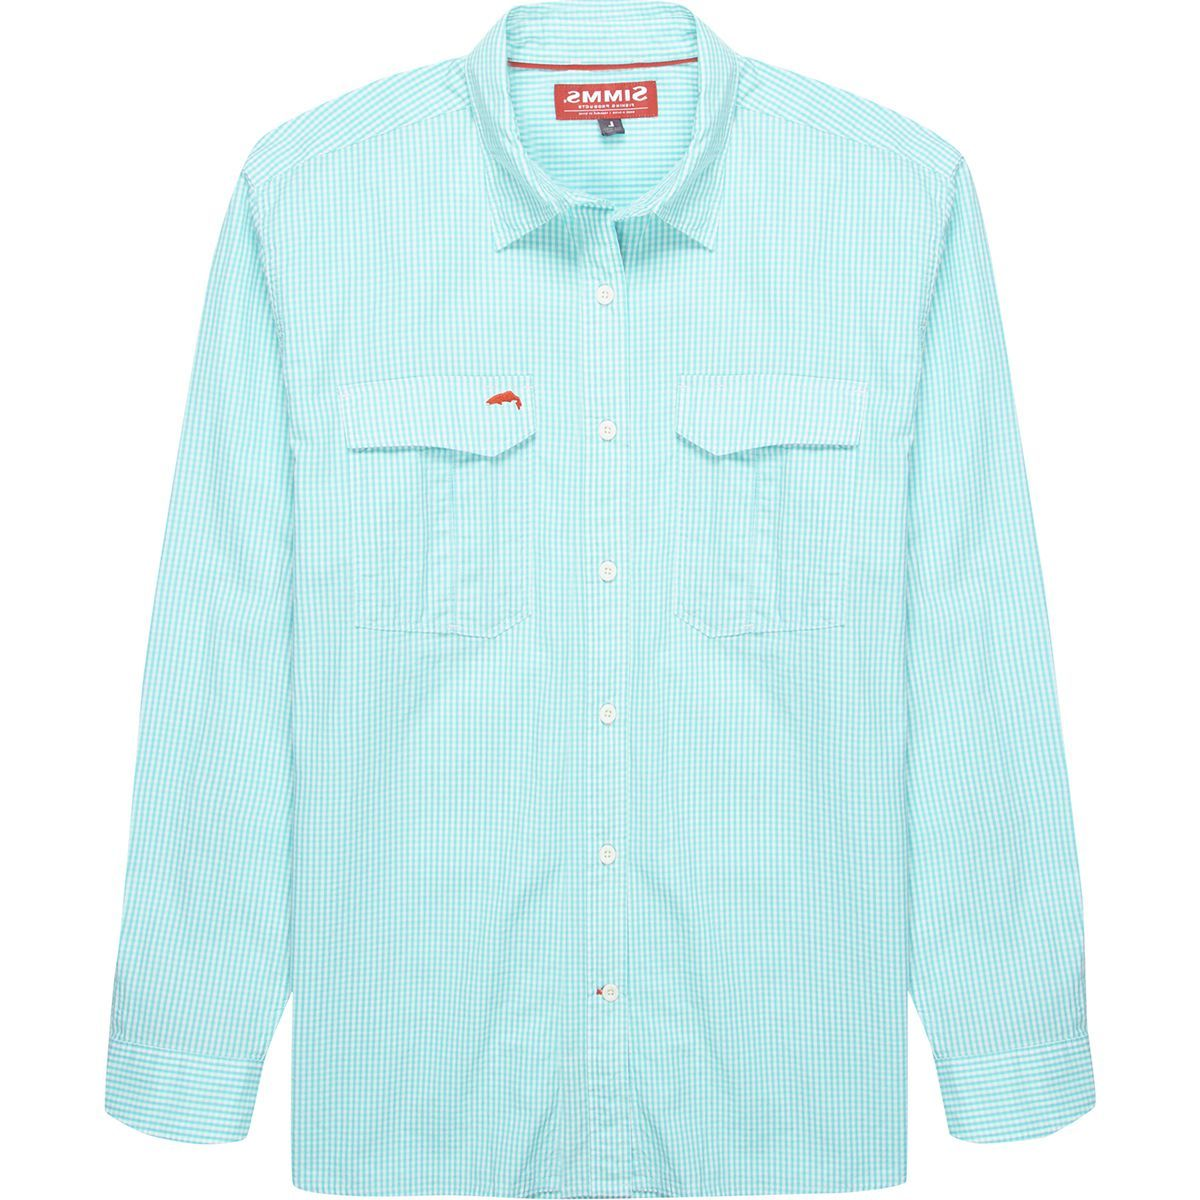 Simms Transit Long-Sleeve Shirt - Men's